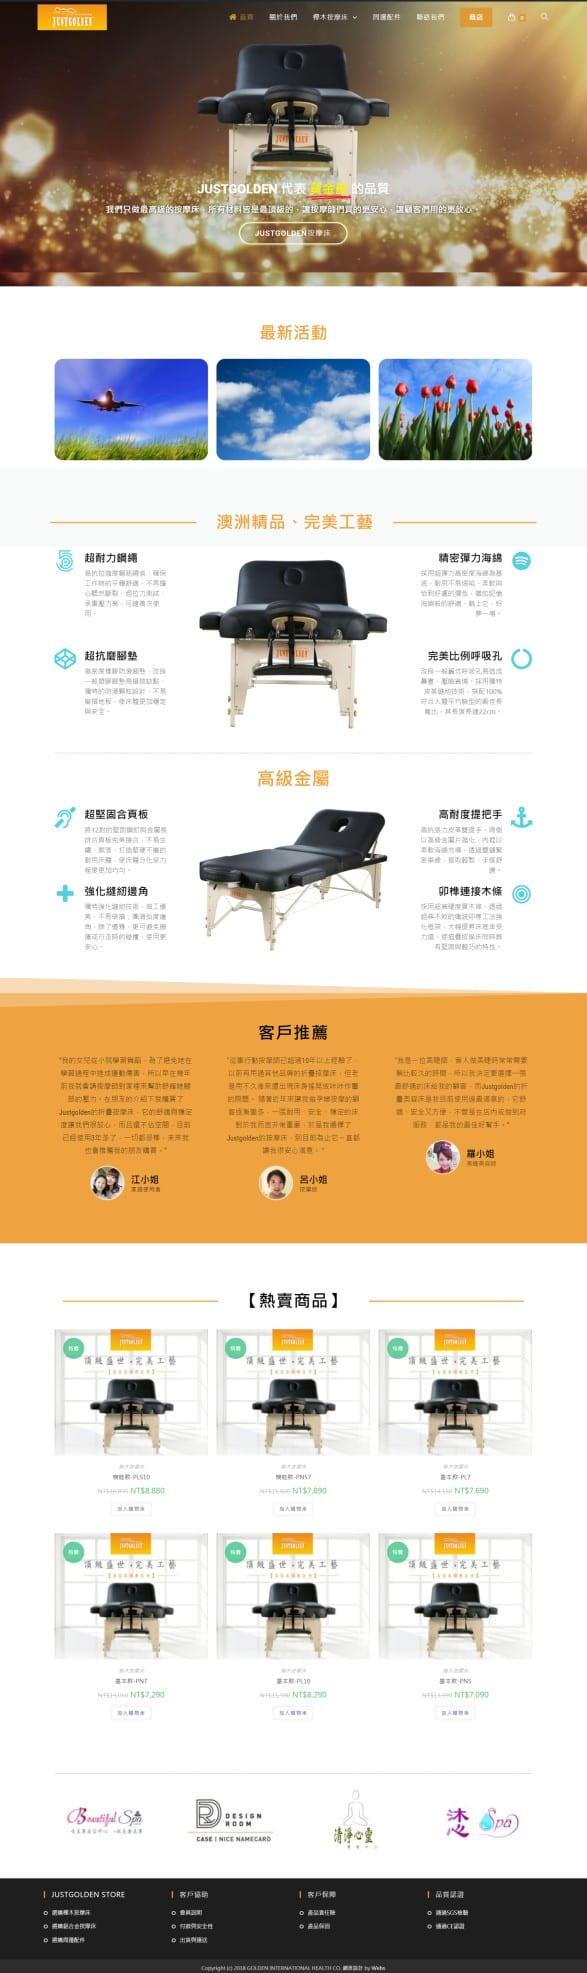 網頁設計-按摩床1